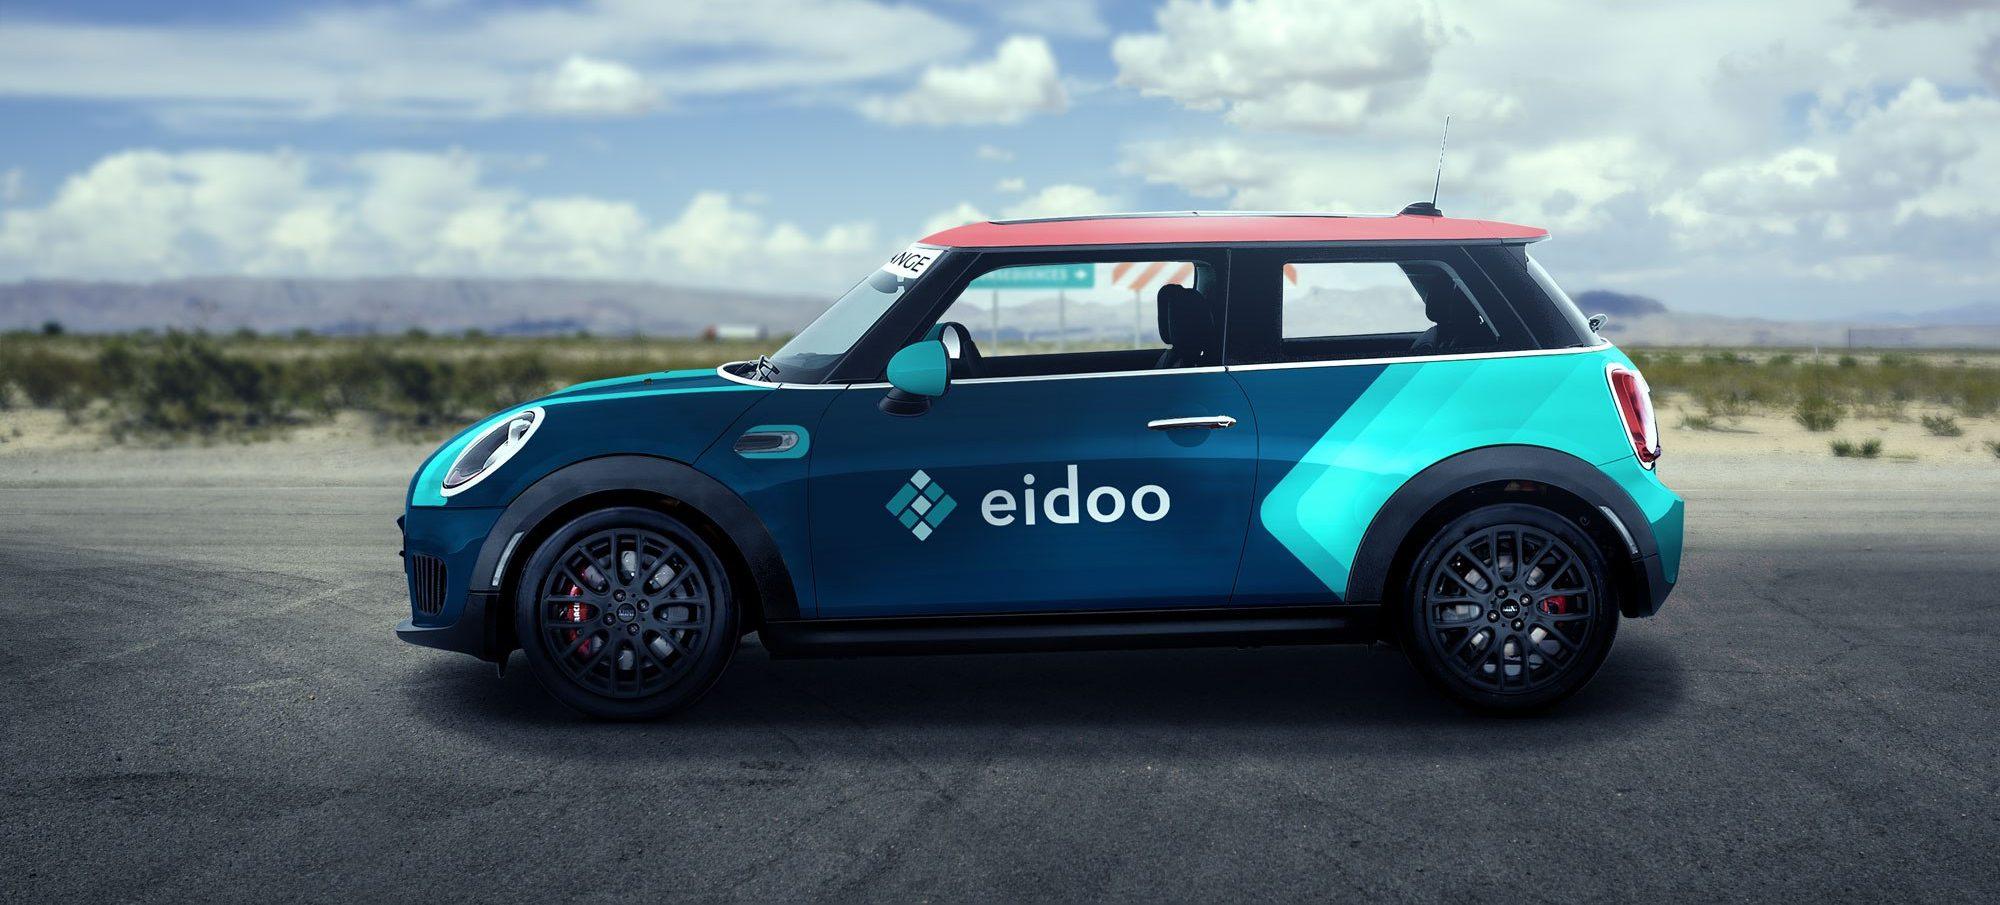 Eidoo diventa sponsor della Mini Challenge